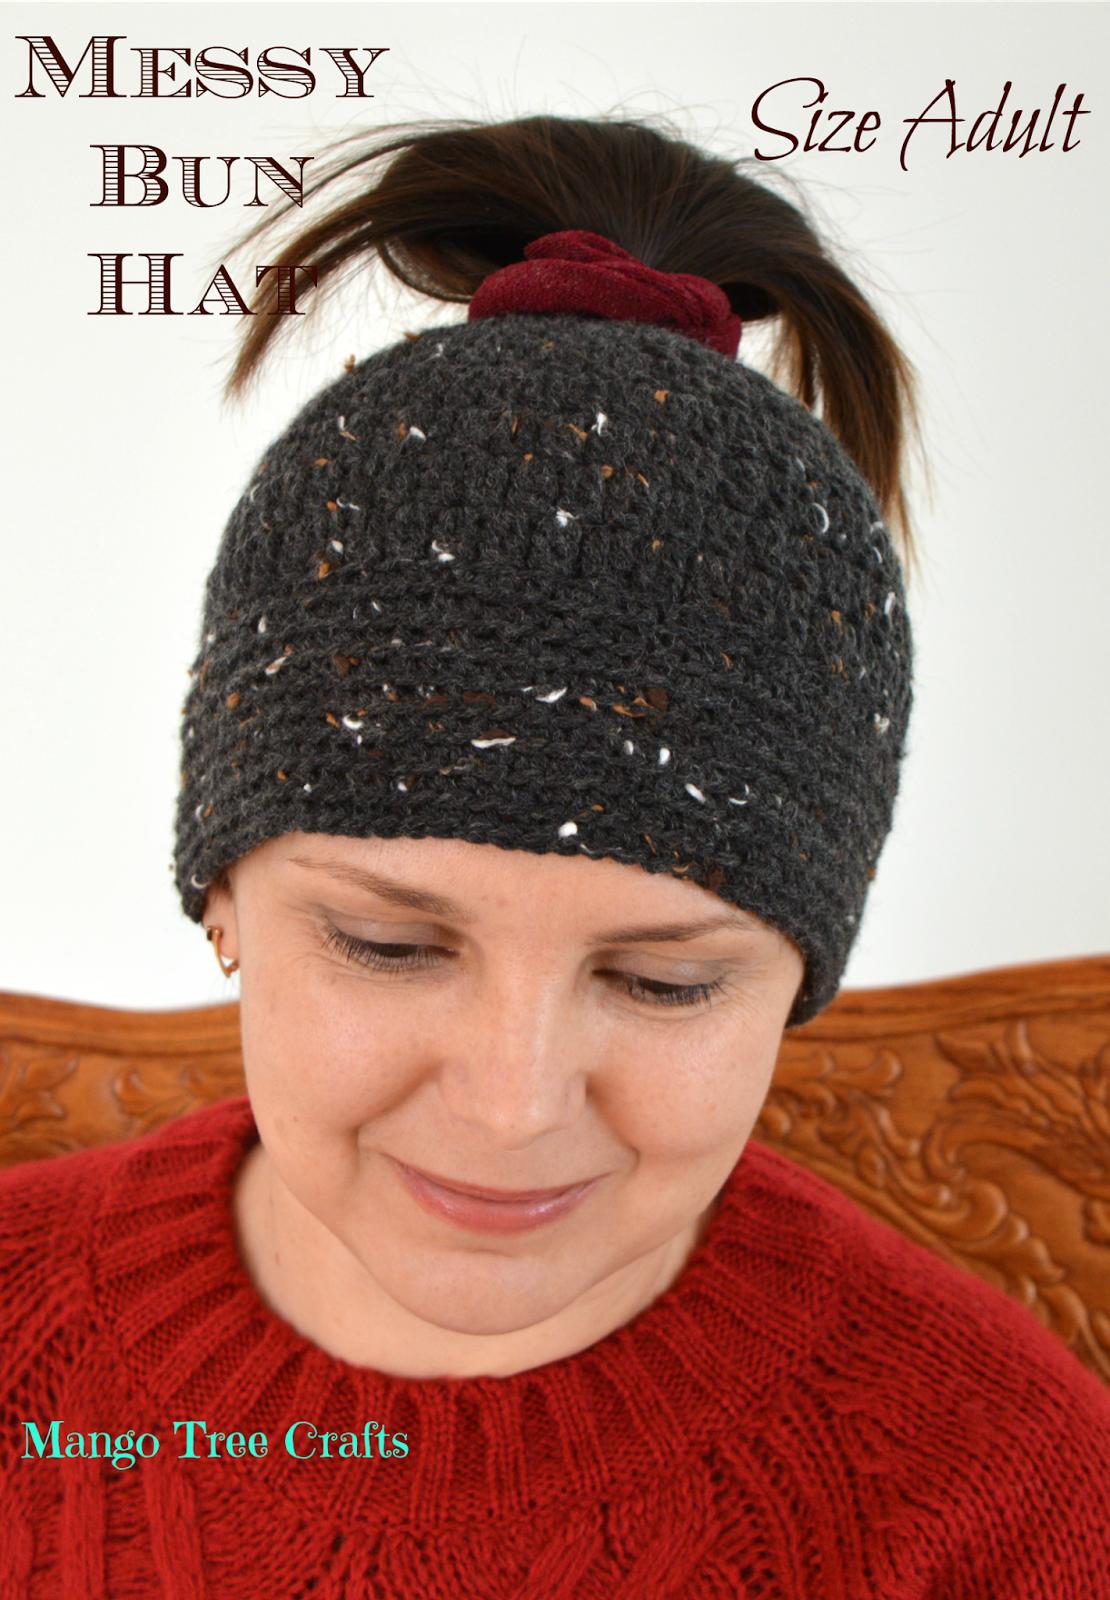 Messy Bun Hat Crochet Pattern for Adult | Crochet ideas ...